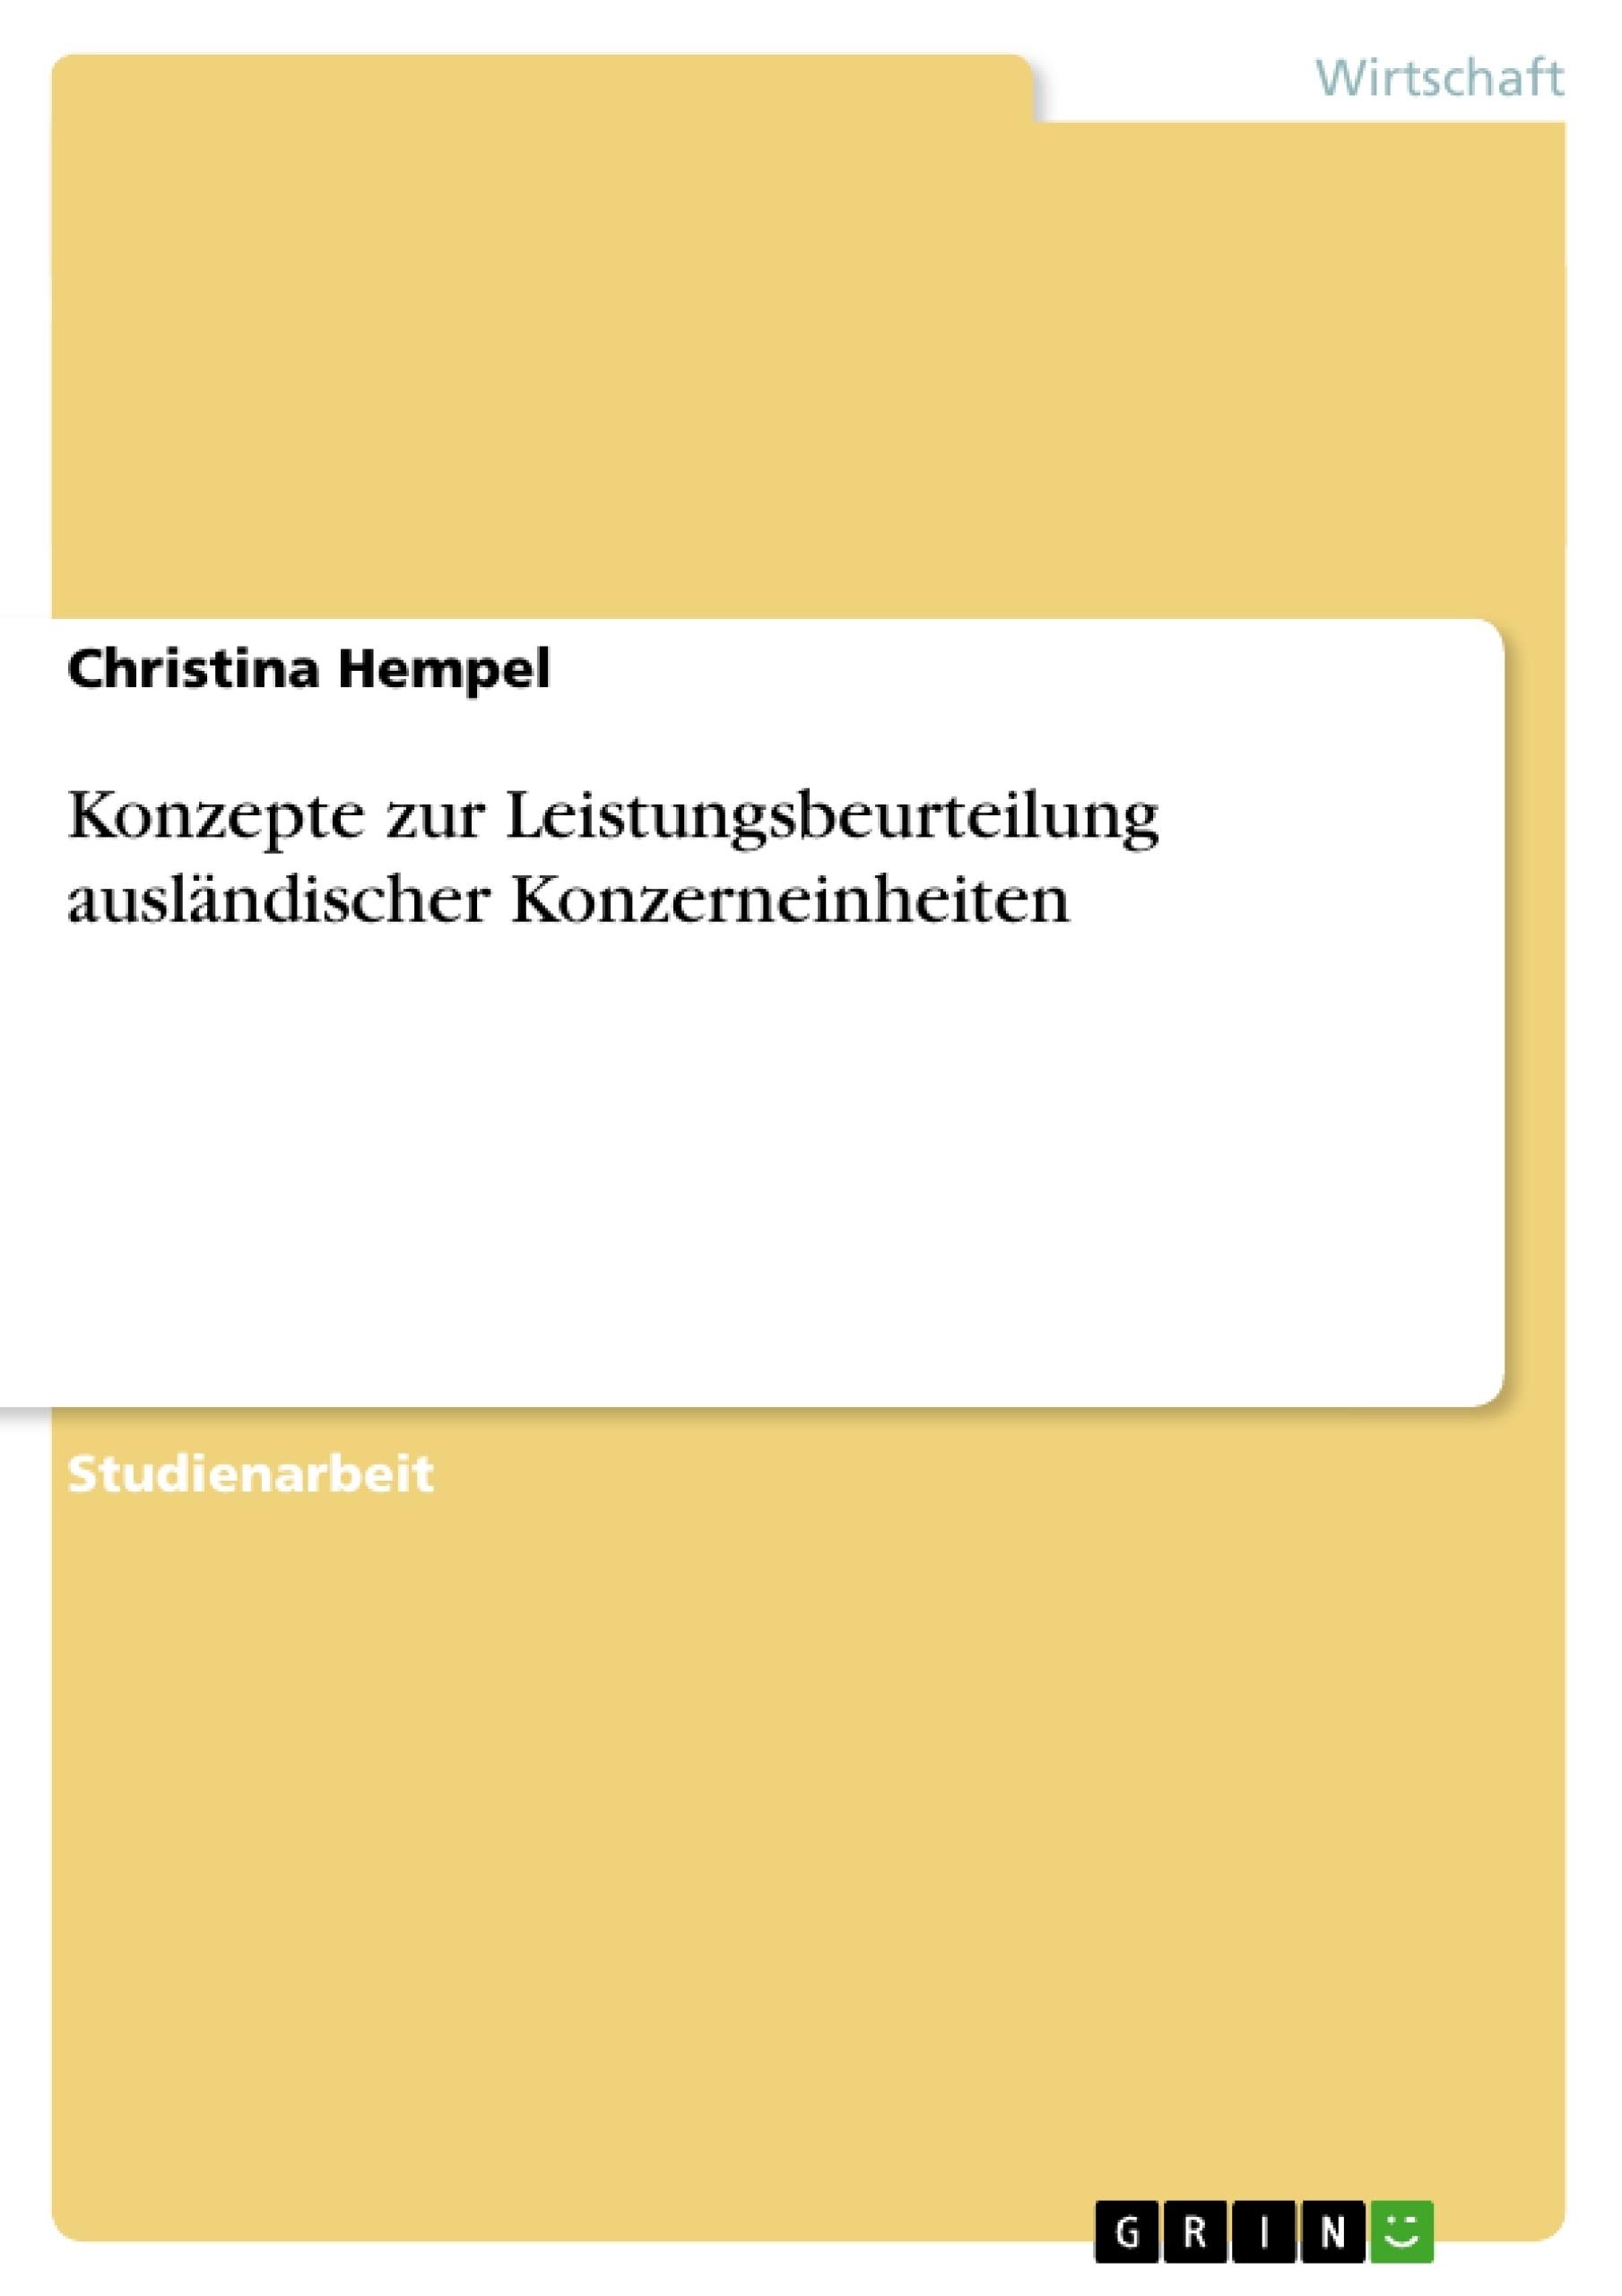 Titel: Konzepte zur Leistungsbeurteilung ausländischer Konzerneinheiten